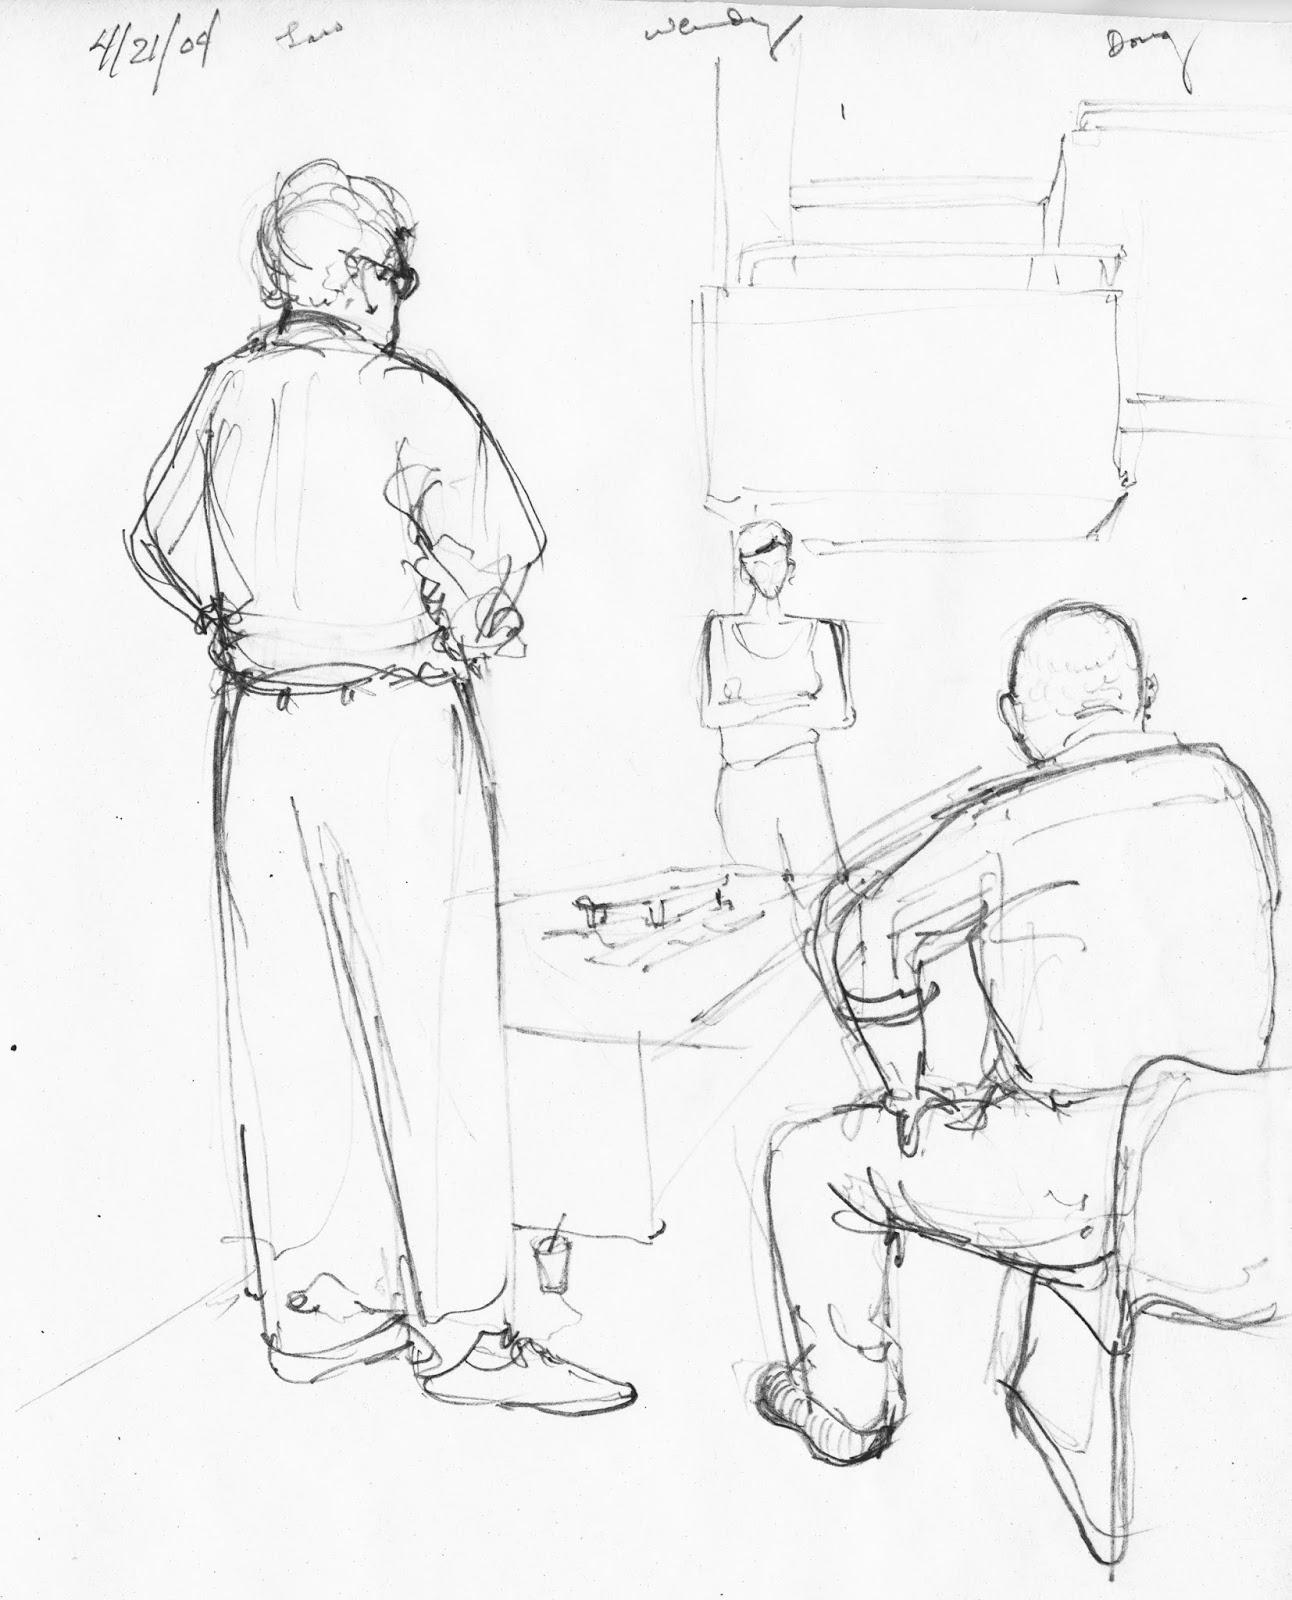 Dewey's Sketchbook: February 2014